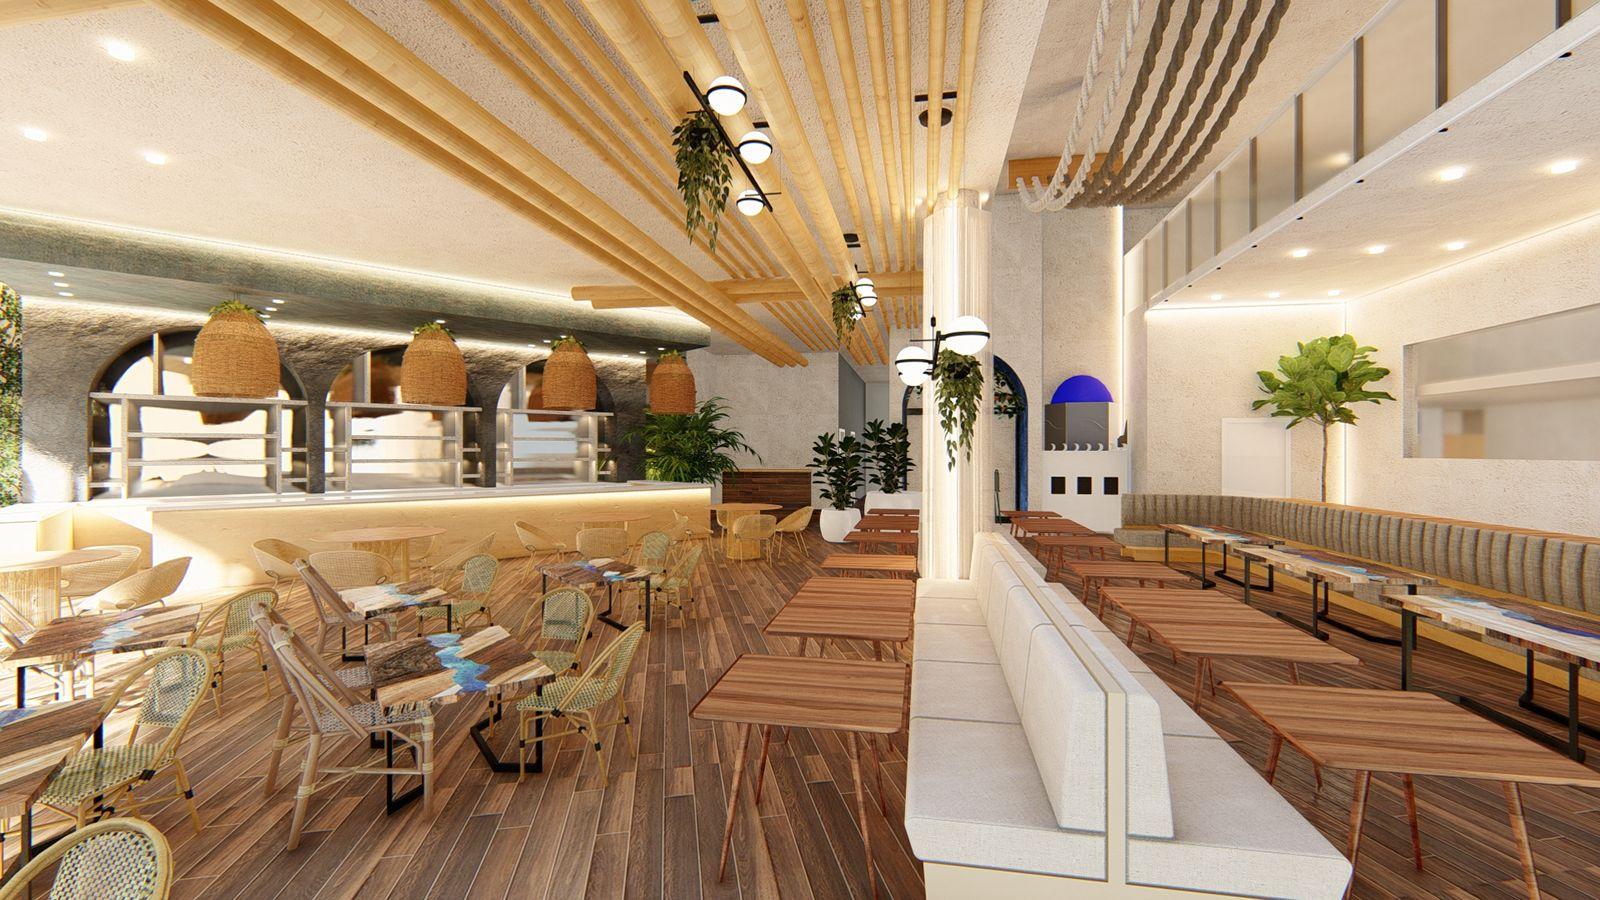 Το Heaven Mykonos, μια σύγχρονη μεσογειακή τραπεζαρία με τάπας και κρασί σε μια συναρπαστική δυναμική ατμόσφαιρα lounge, έκανε το ντεμπούτο του στην πολυσύχναστη γειτονιά City Place Dorall.